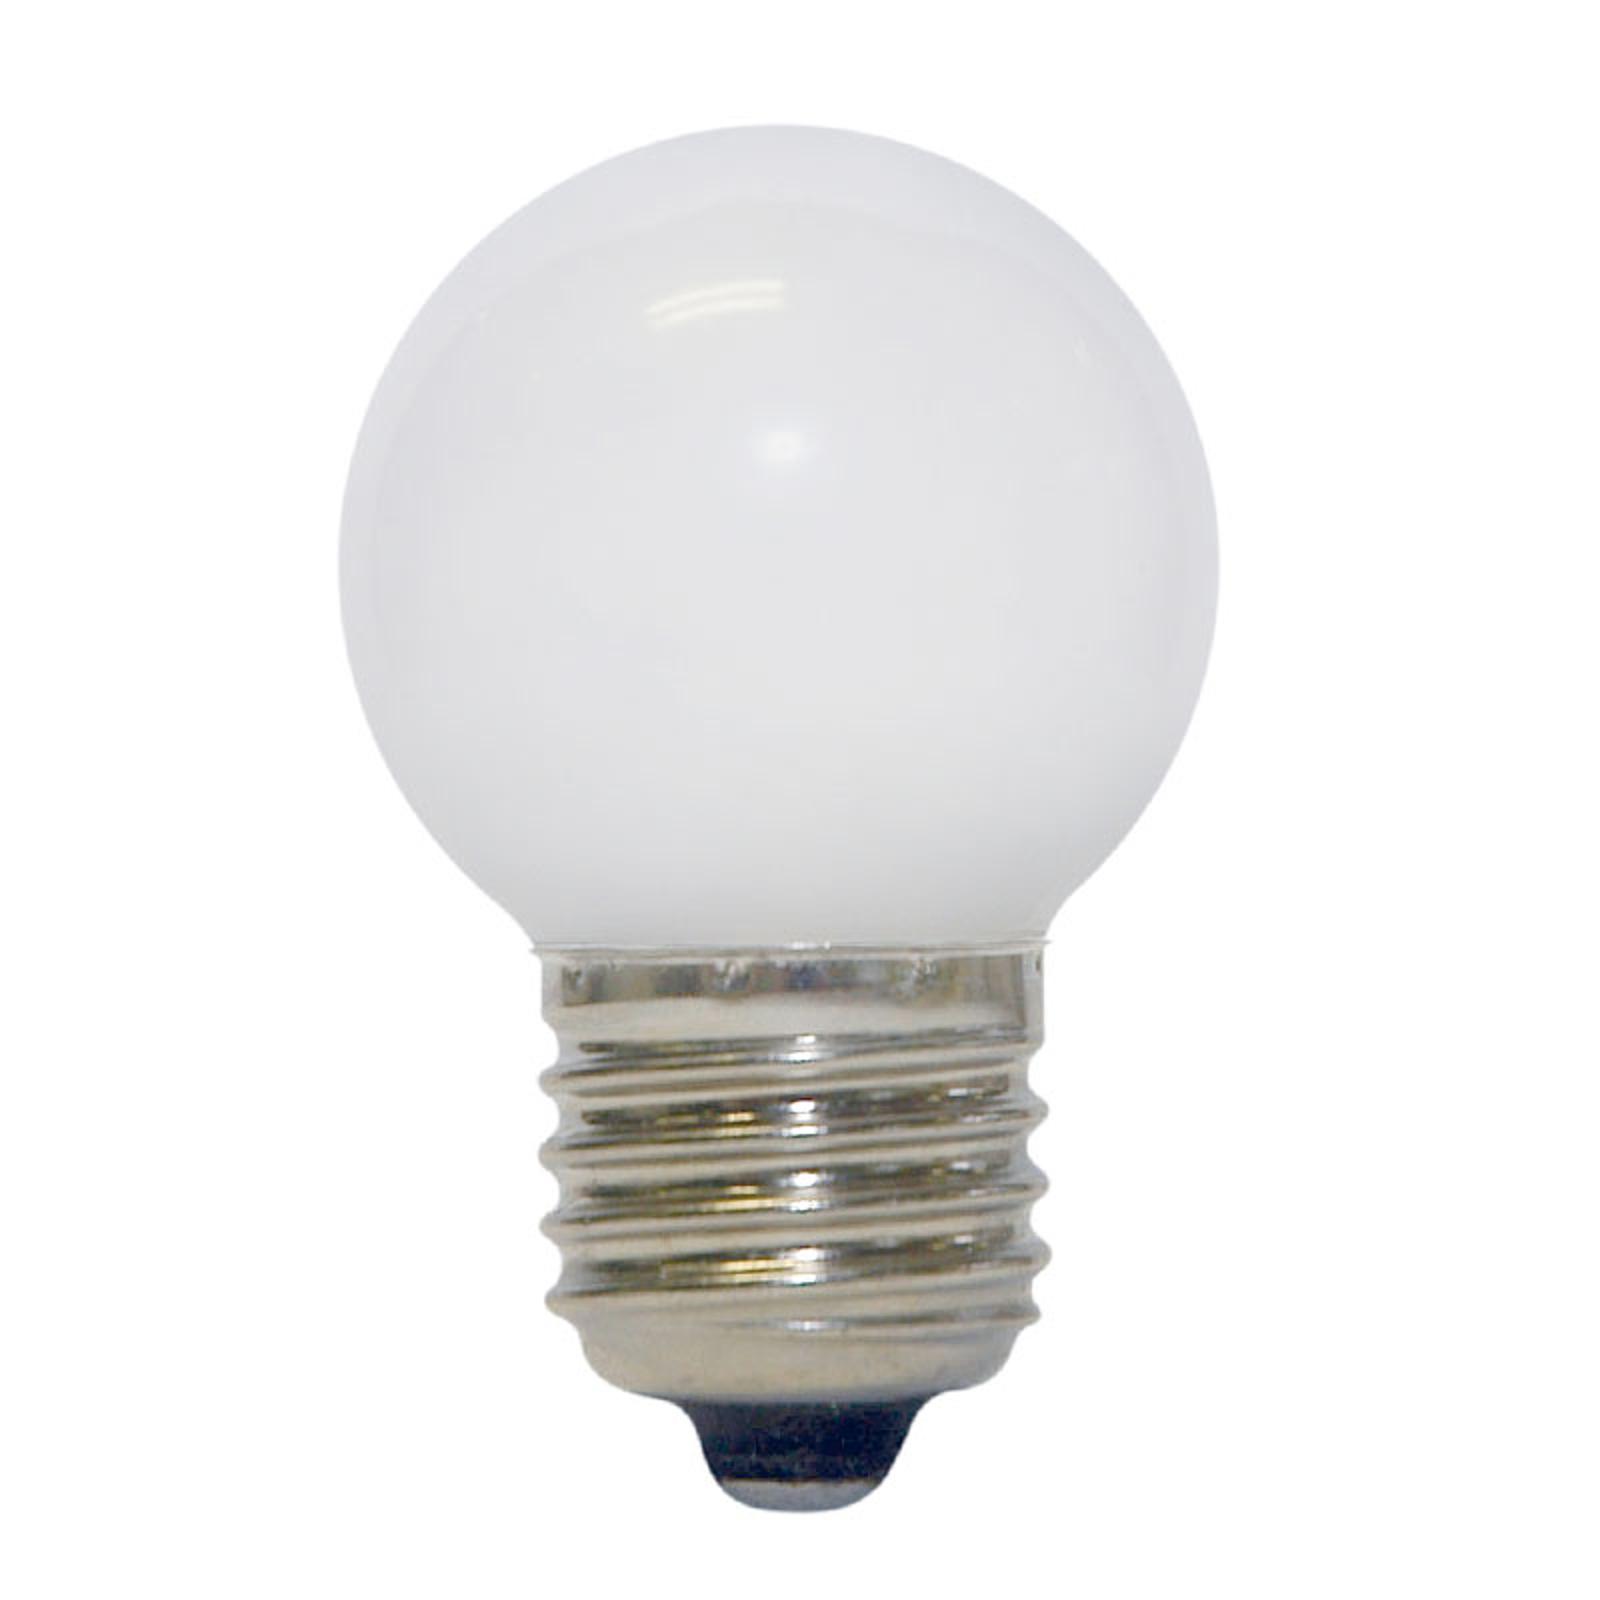 LED Golfball-pære E27, 0,7 W, varmhvit, matt